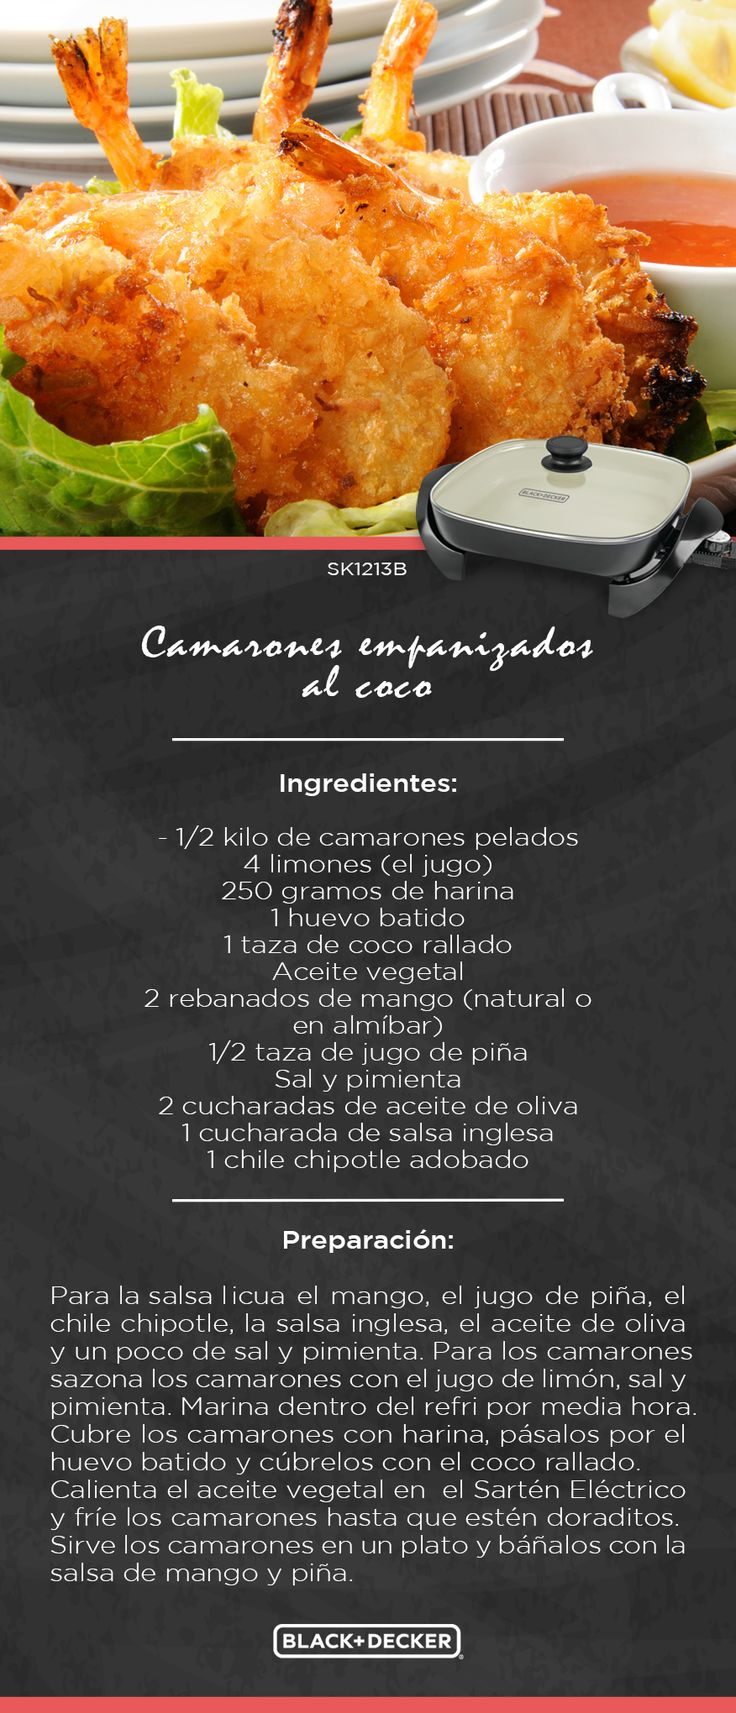 Camarones empanizados al coco con salsa de mango un verdadero acierto para esta #Cuaresma #EverydayLiving